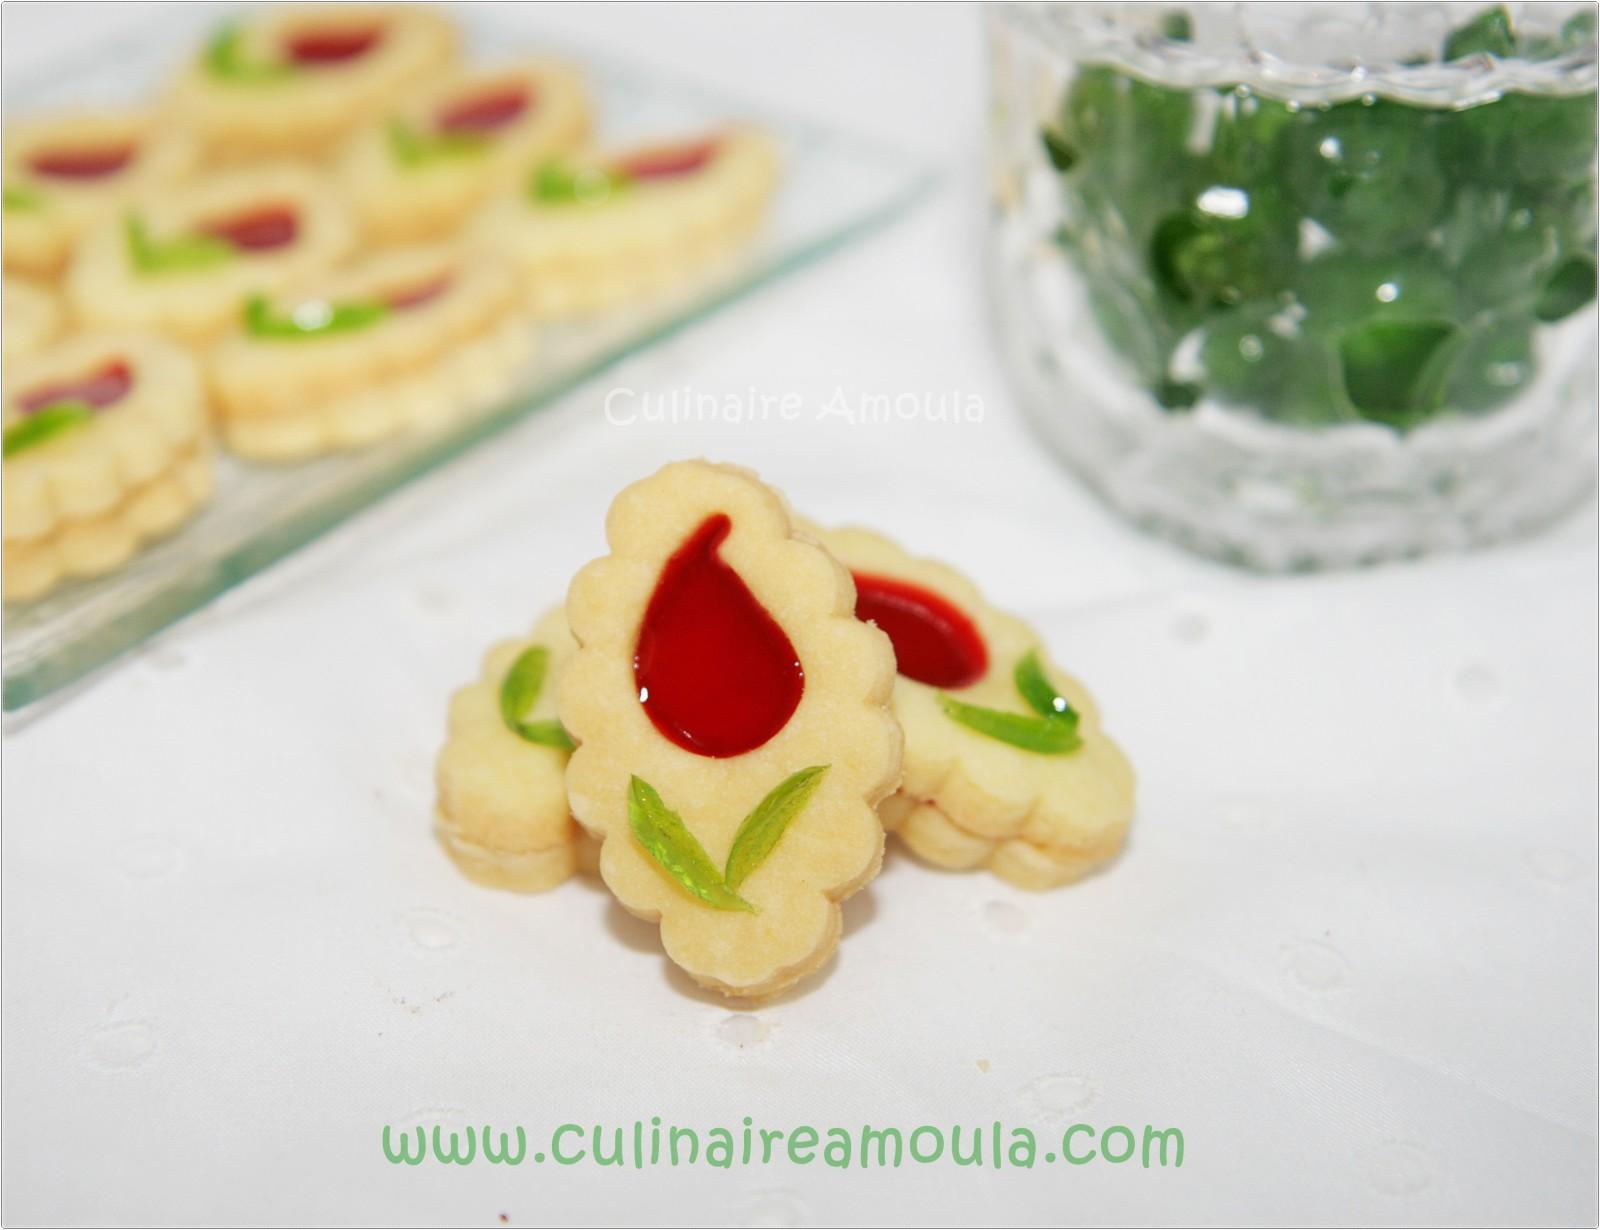 Sablé de Noël #noël  http://www.culinaireamoula.com/article-sable-de-noel-121263231.html